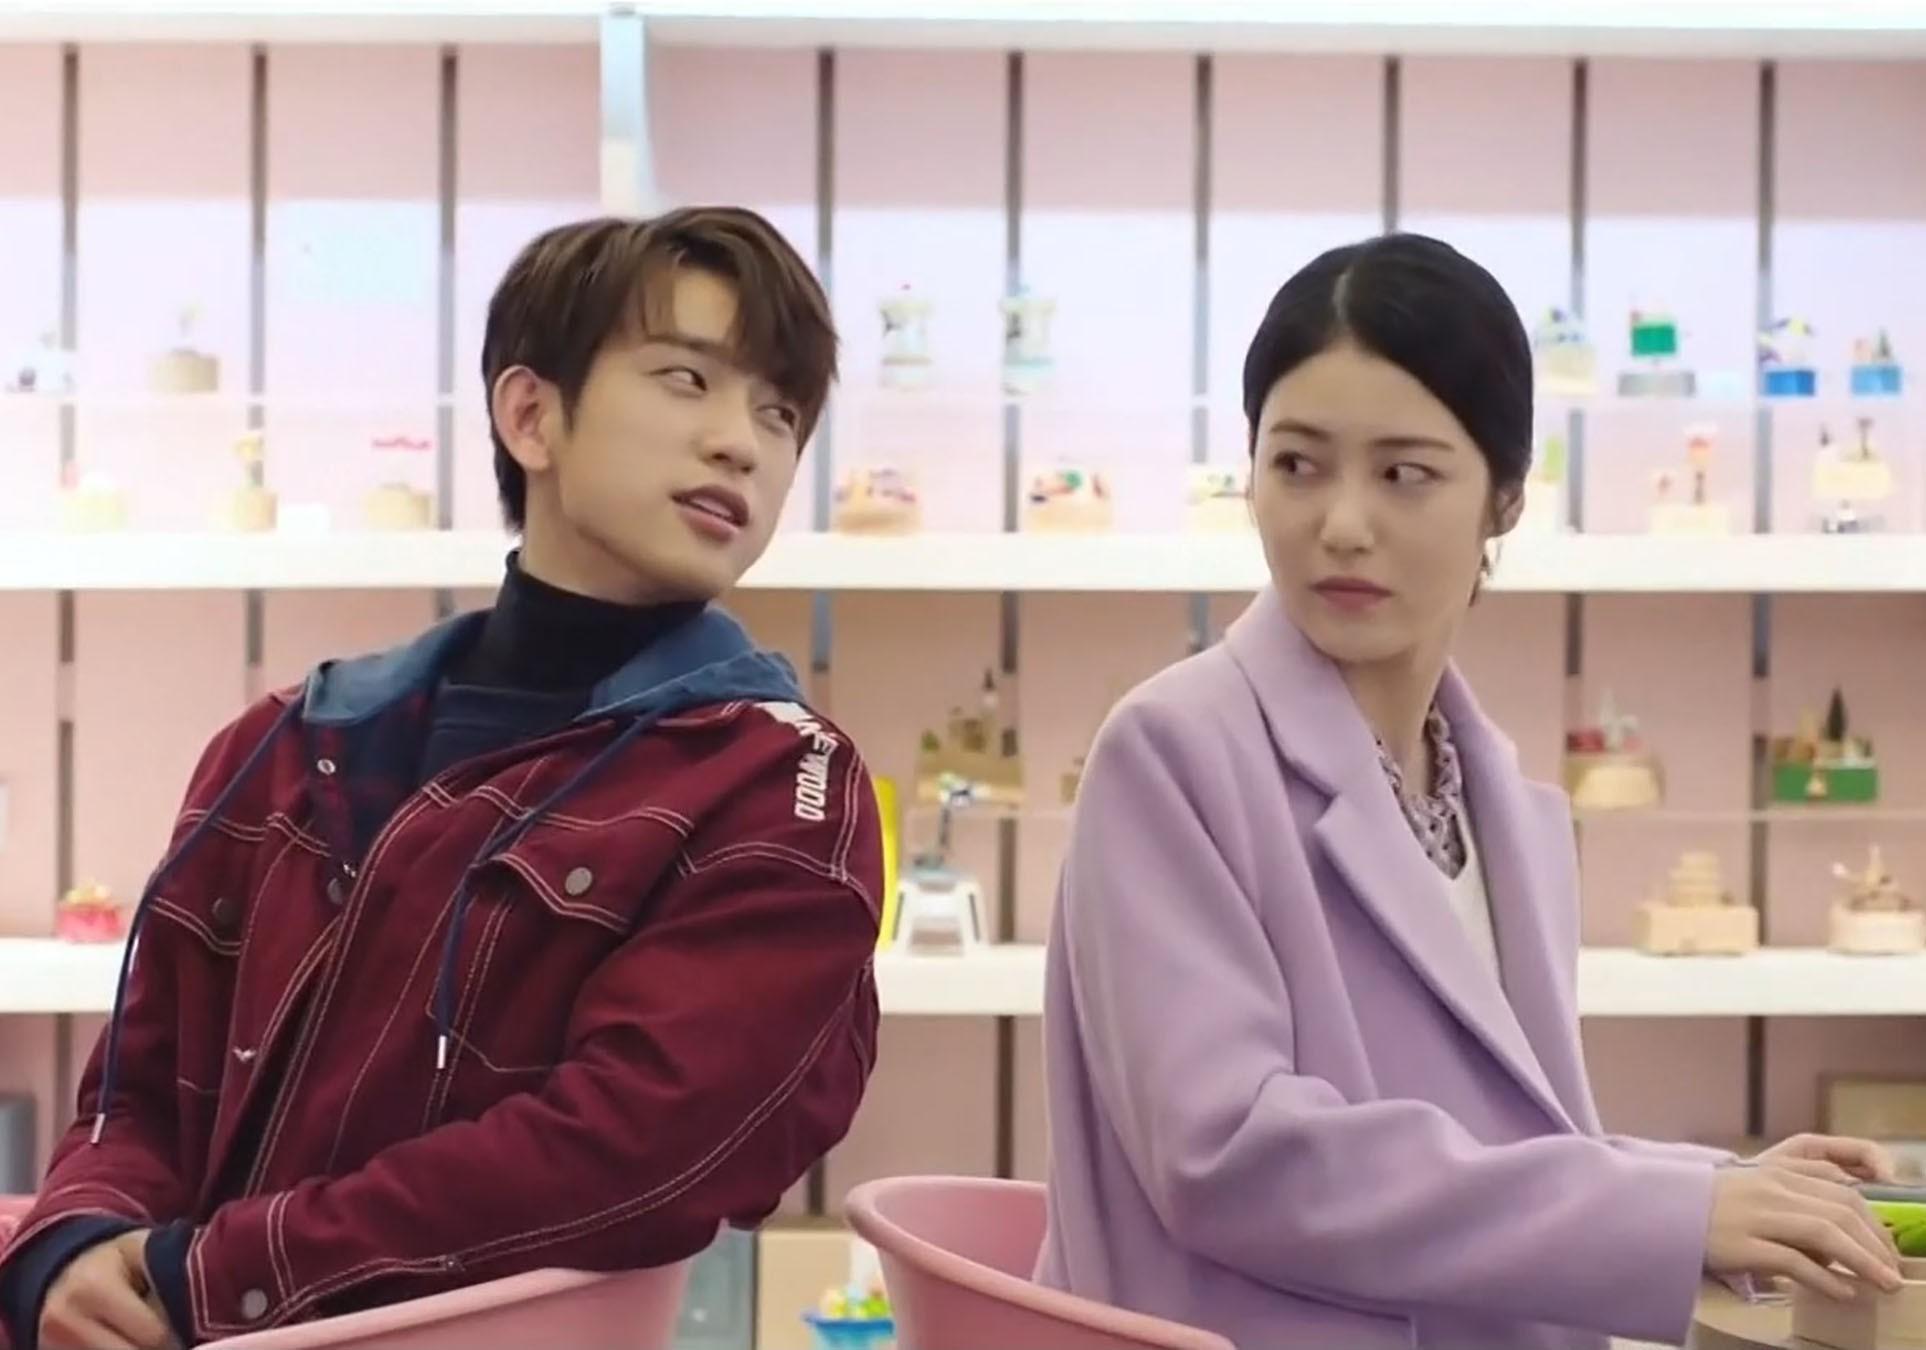 8 phim Hàn không nên bỏ lỡ nửa đầu năm 2019: Vía số 2 cực nặng vẫn chưa tác phẩm nào vượt qua được - Ảnh 12.